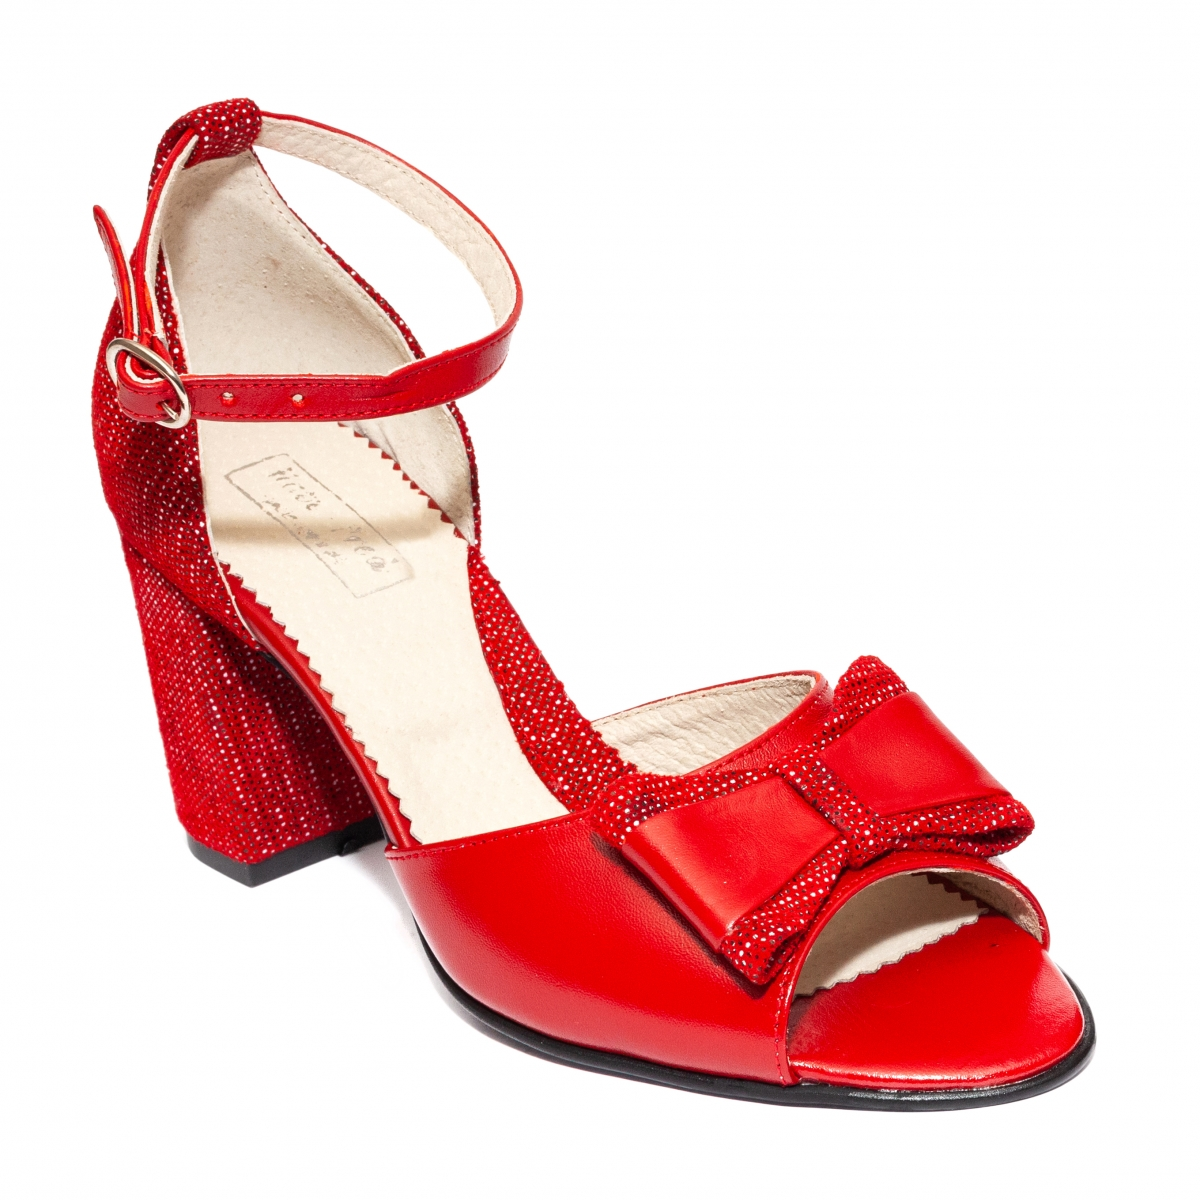 Sandale dama cu toc 952 rosu pipit 34-40